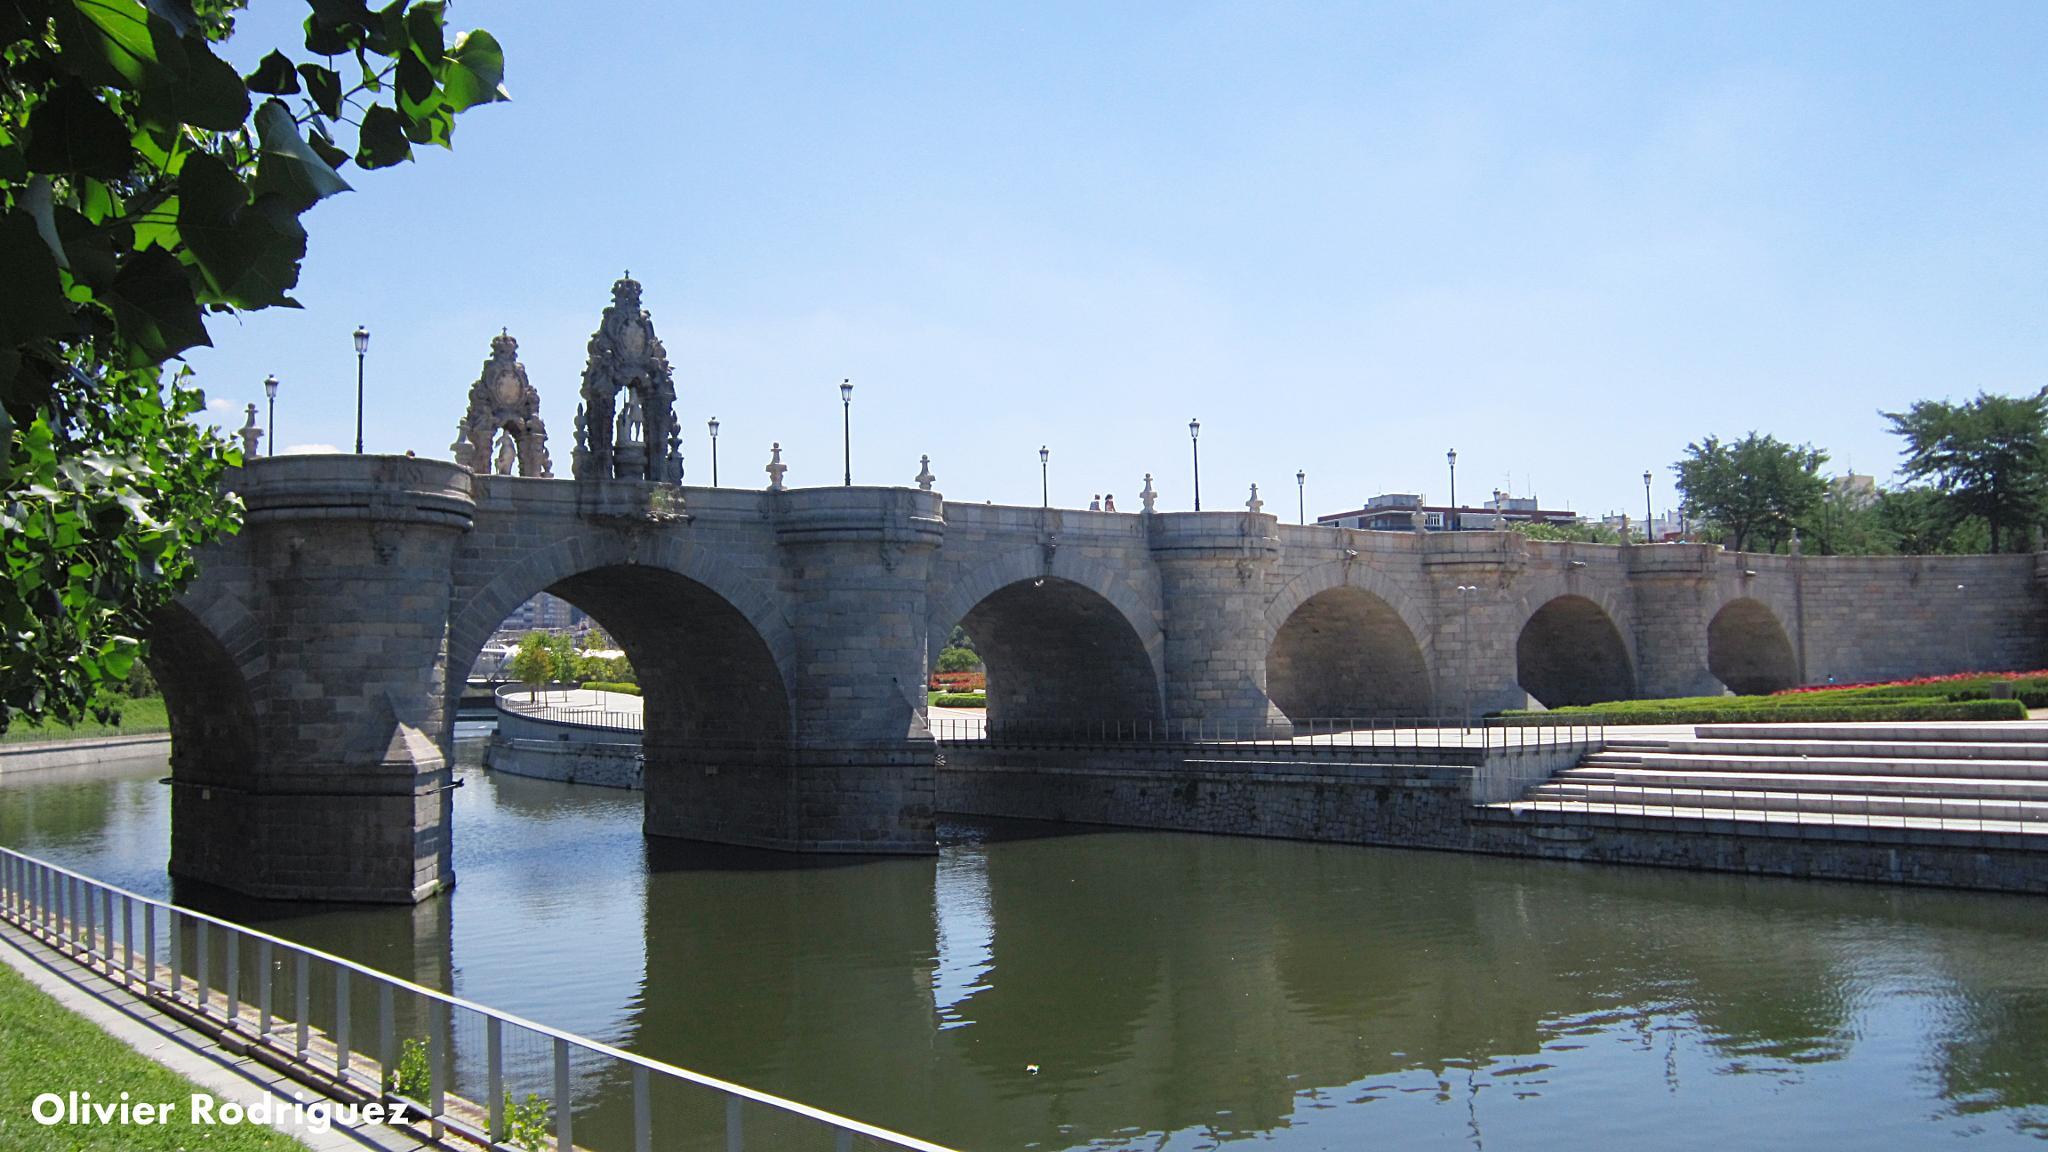 Puente sobre el río Manzanares, Madrid. by Olivier Rodriguez